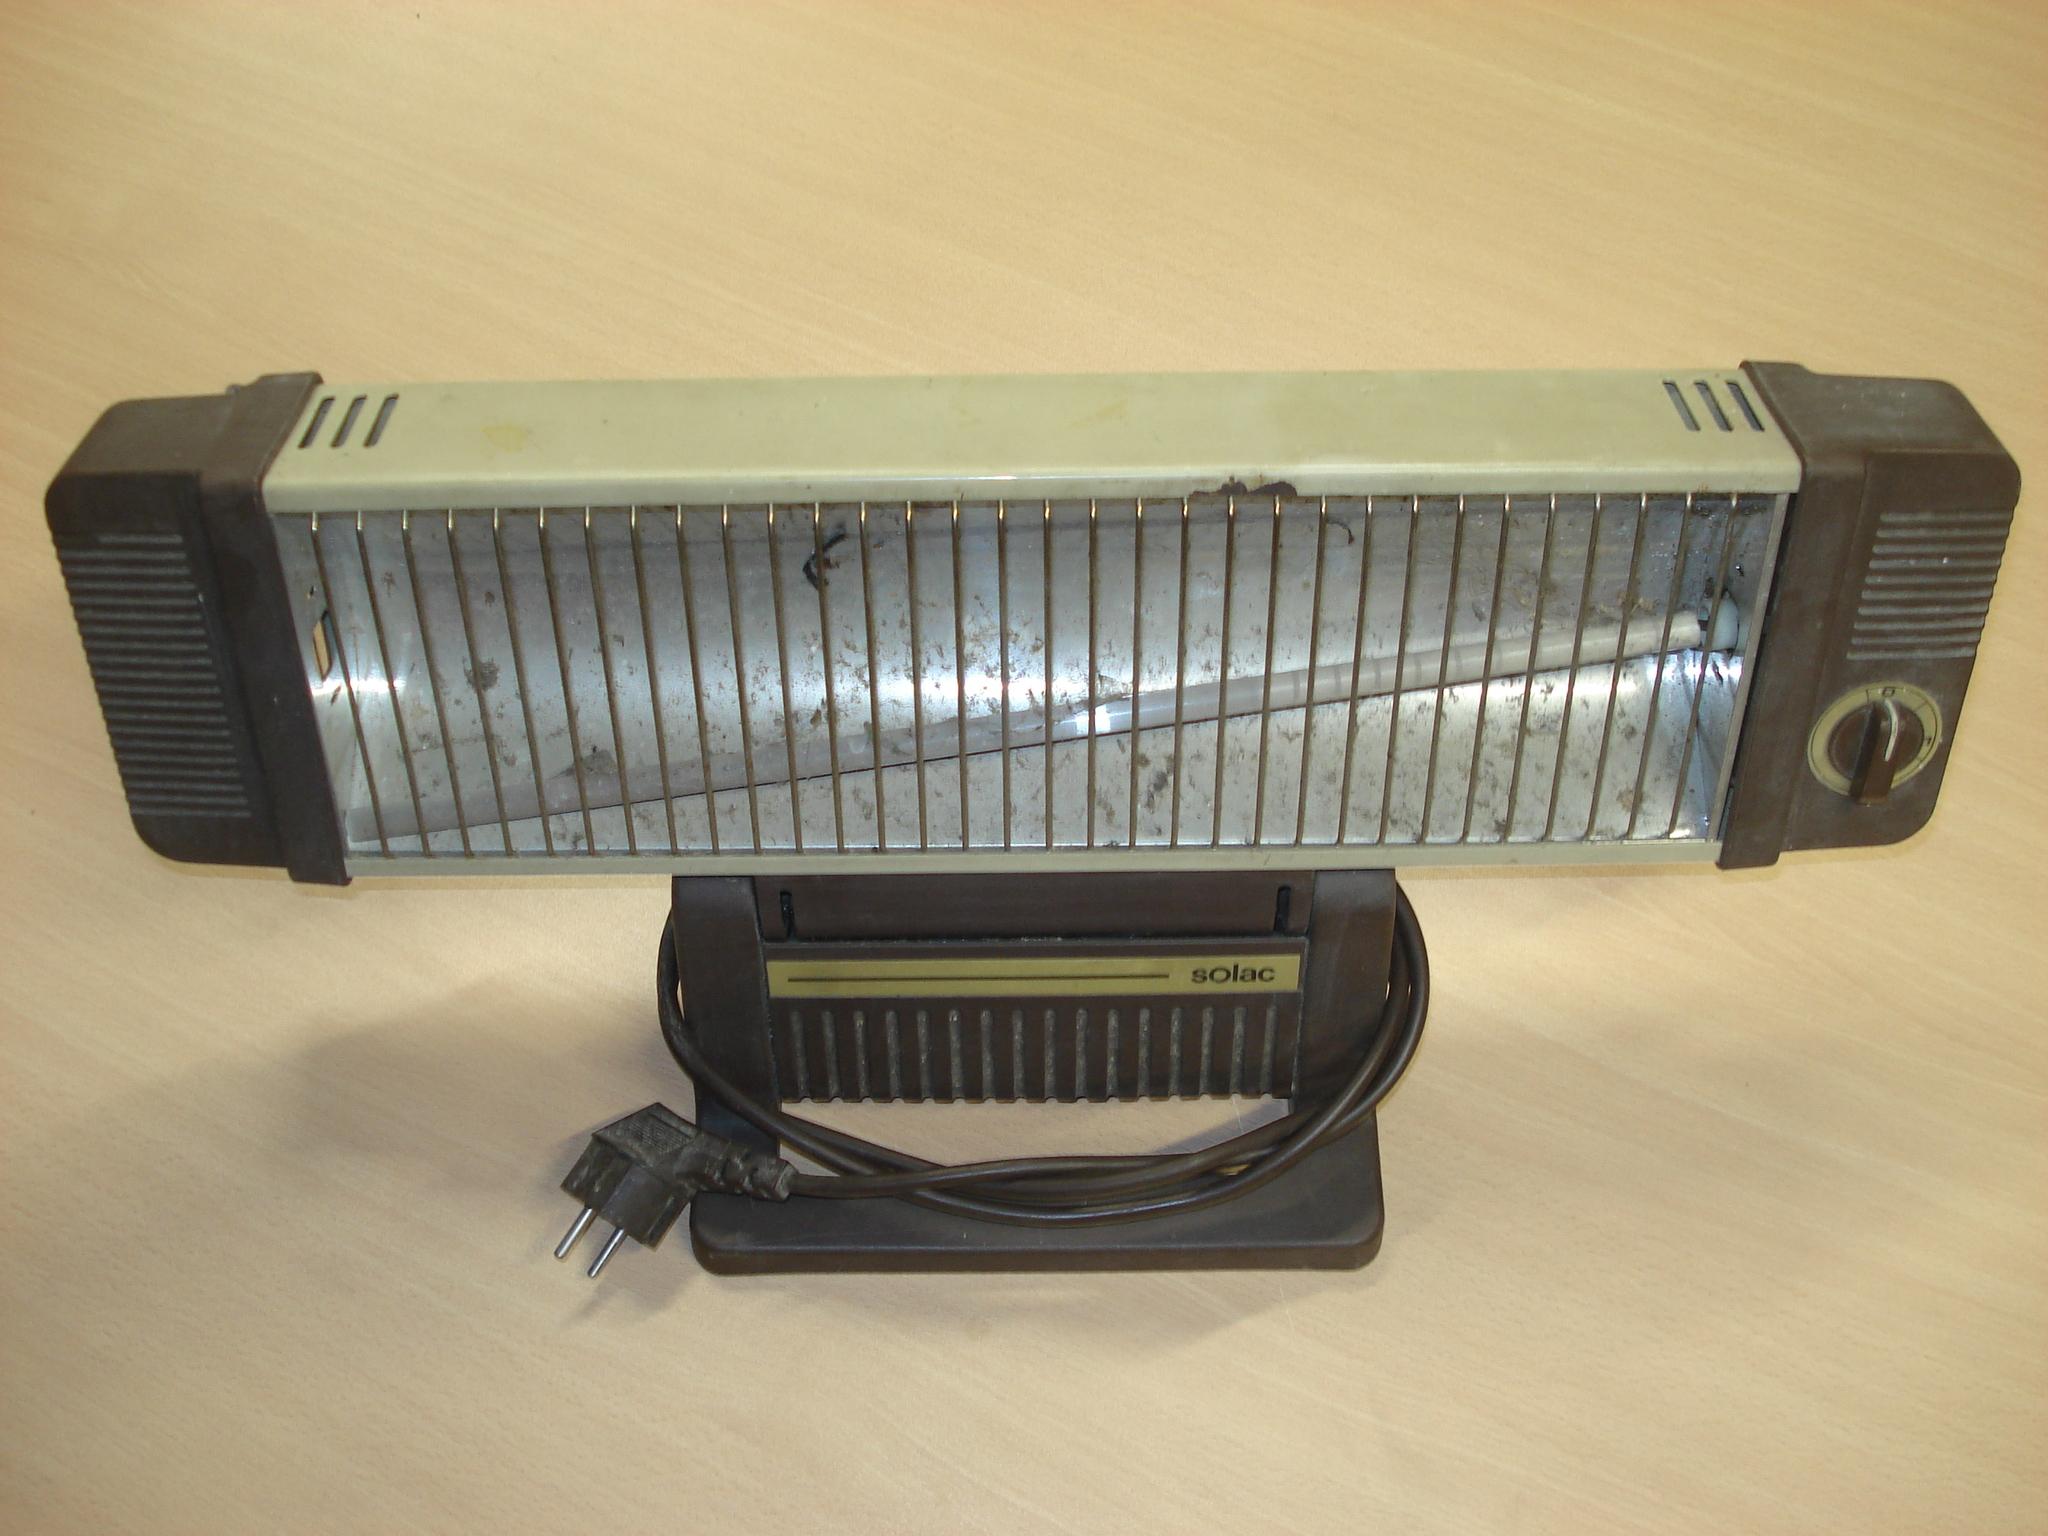 Estufa eléctrica SOLAC mod. N-471